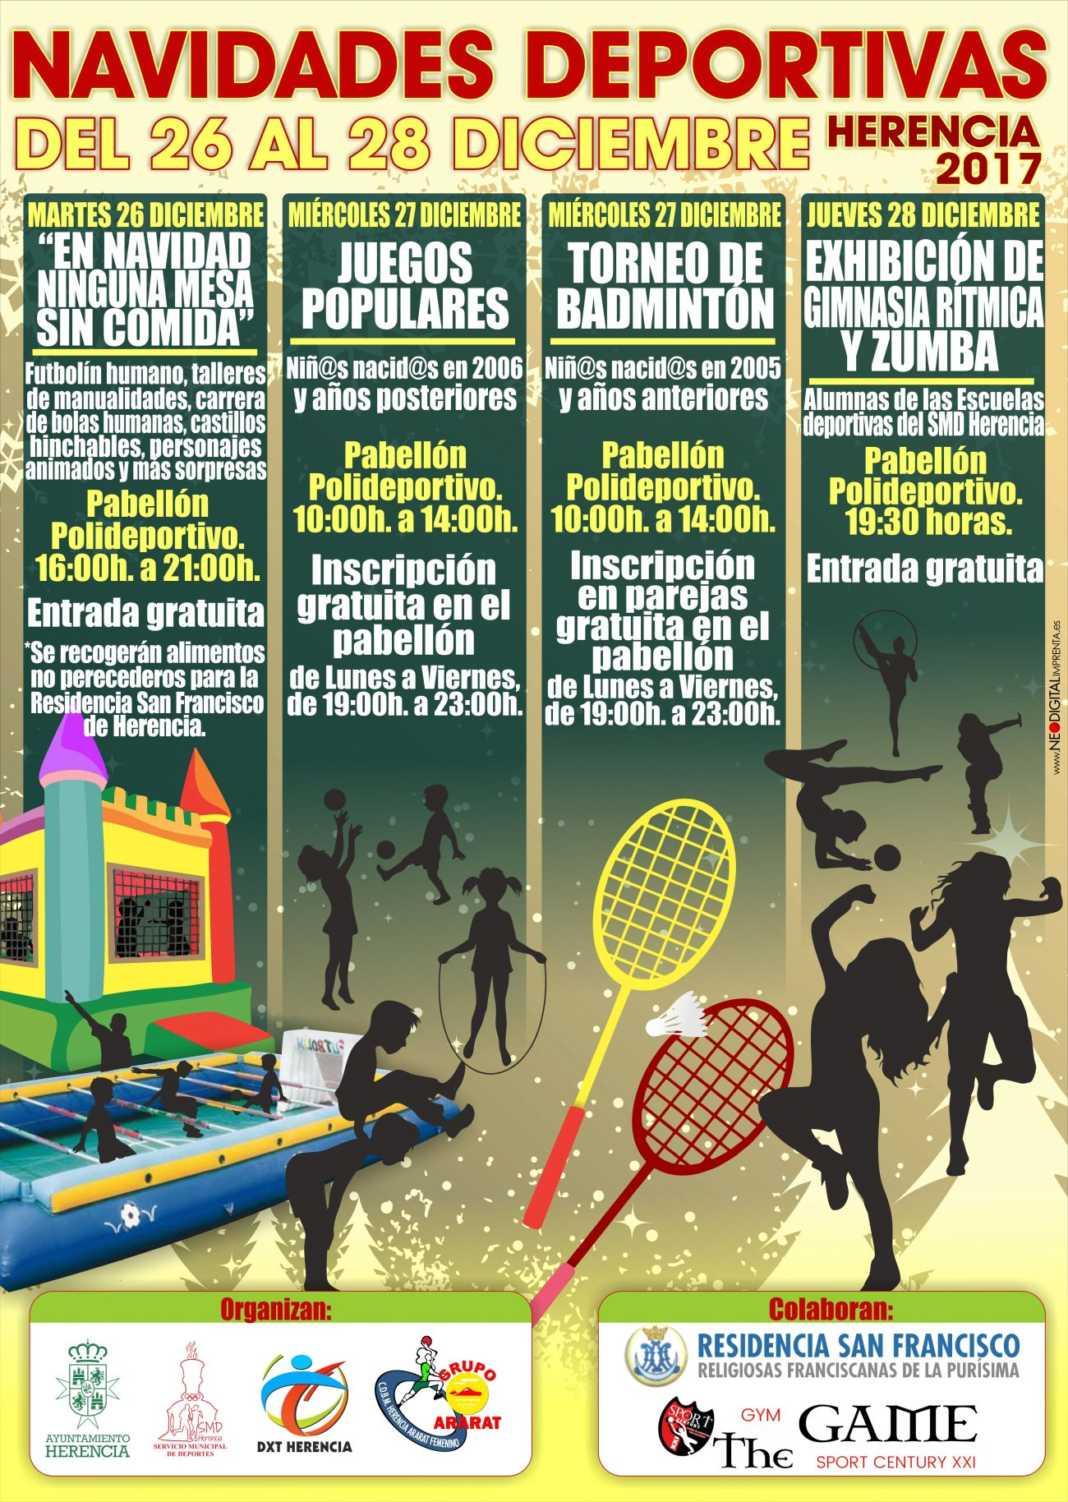 Navidades deportivas en Herencia 4